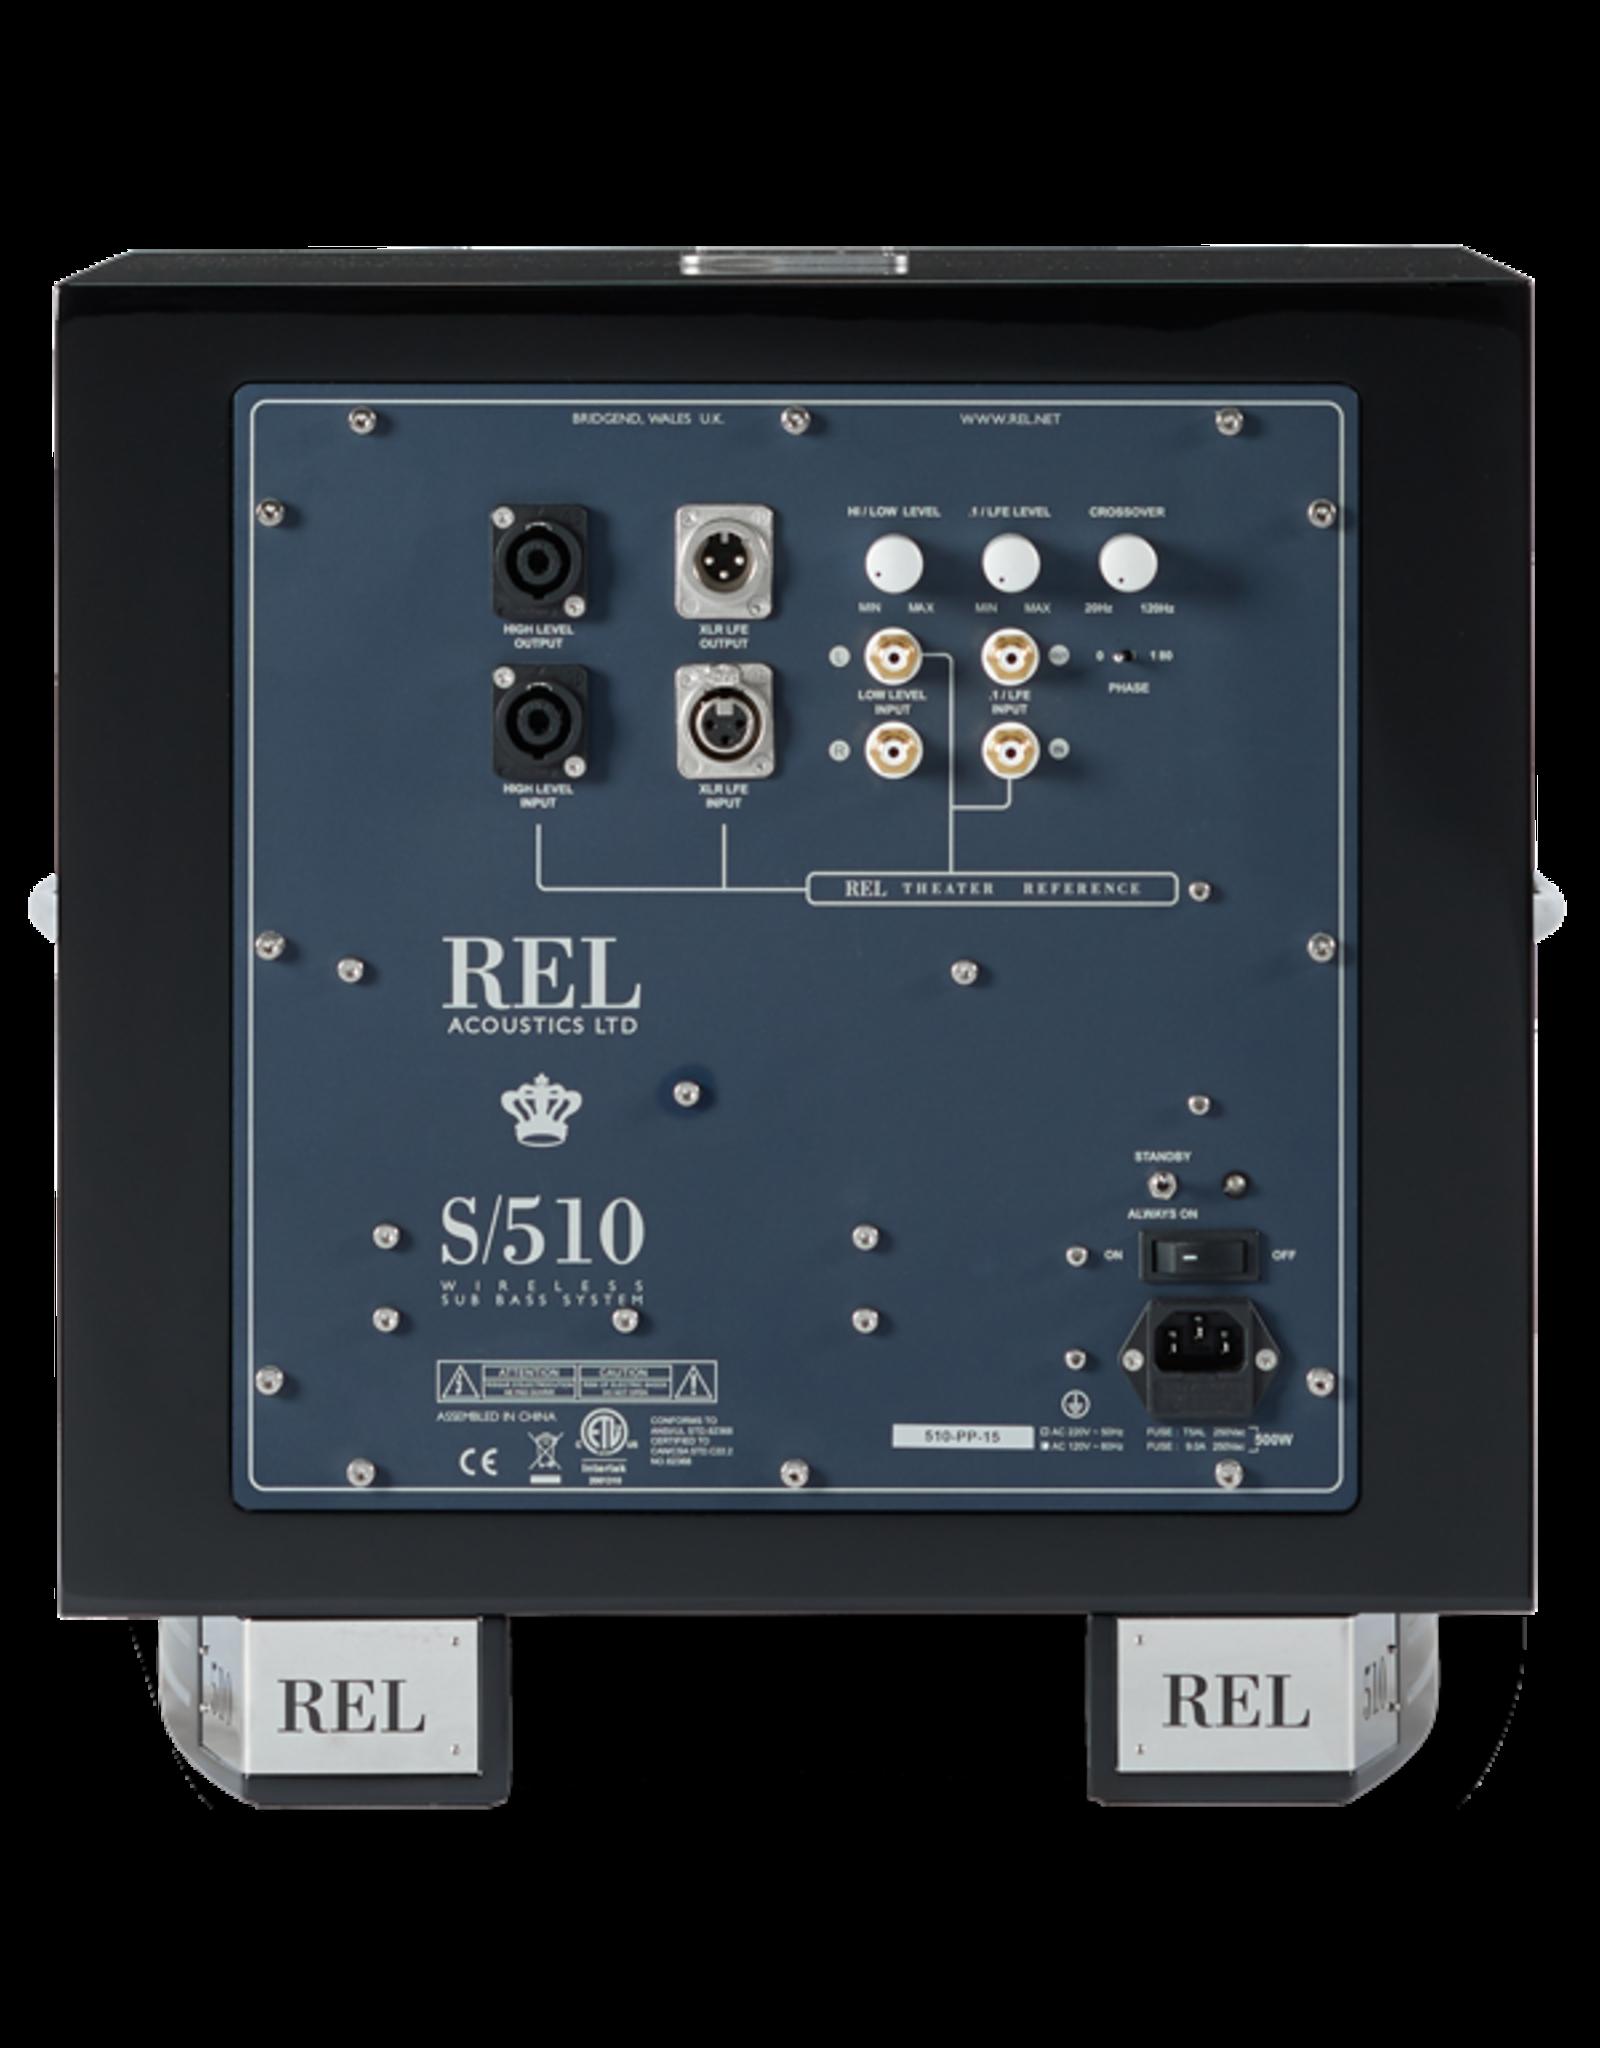 REL REL S/510 Subwoofer